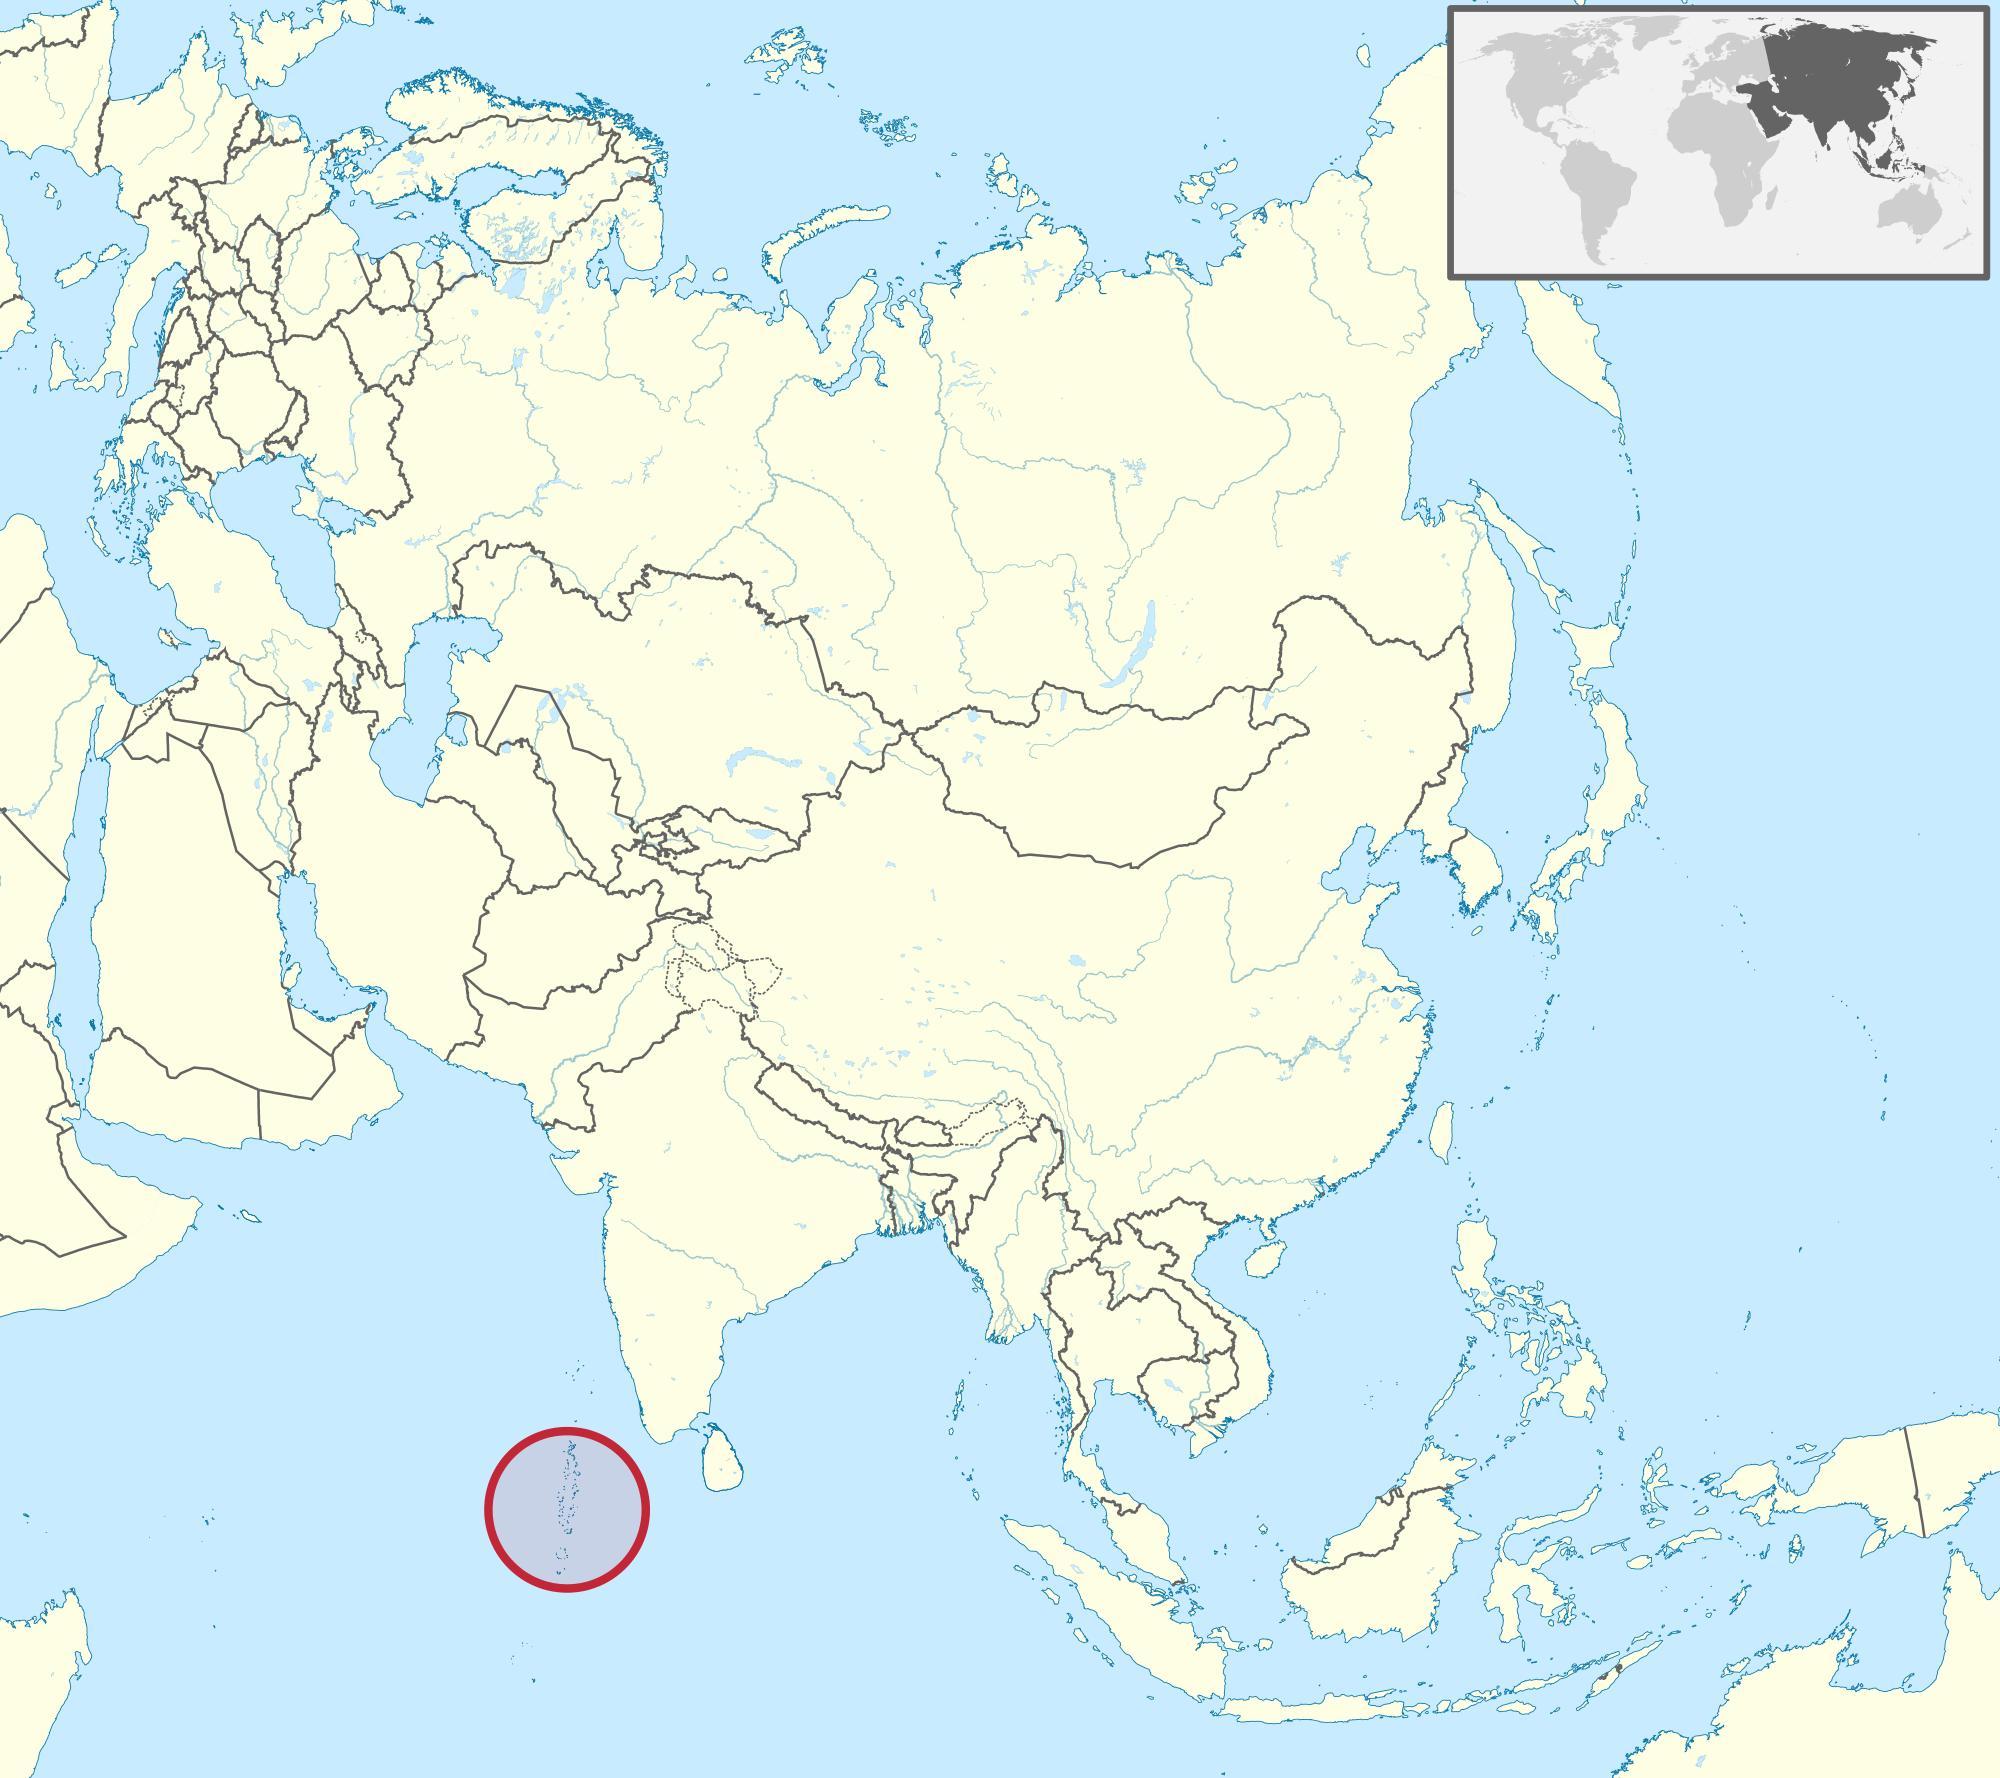 جزر المالديف خريطة آسيا خريطة جزر المالديف خريطة آسيا جنوب شرق آسيا آسيا